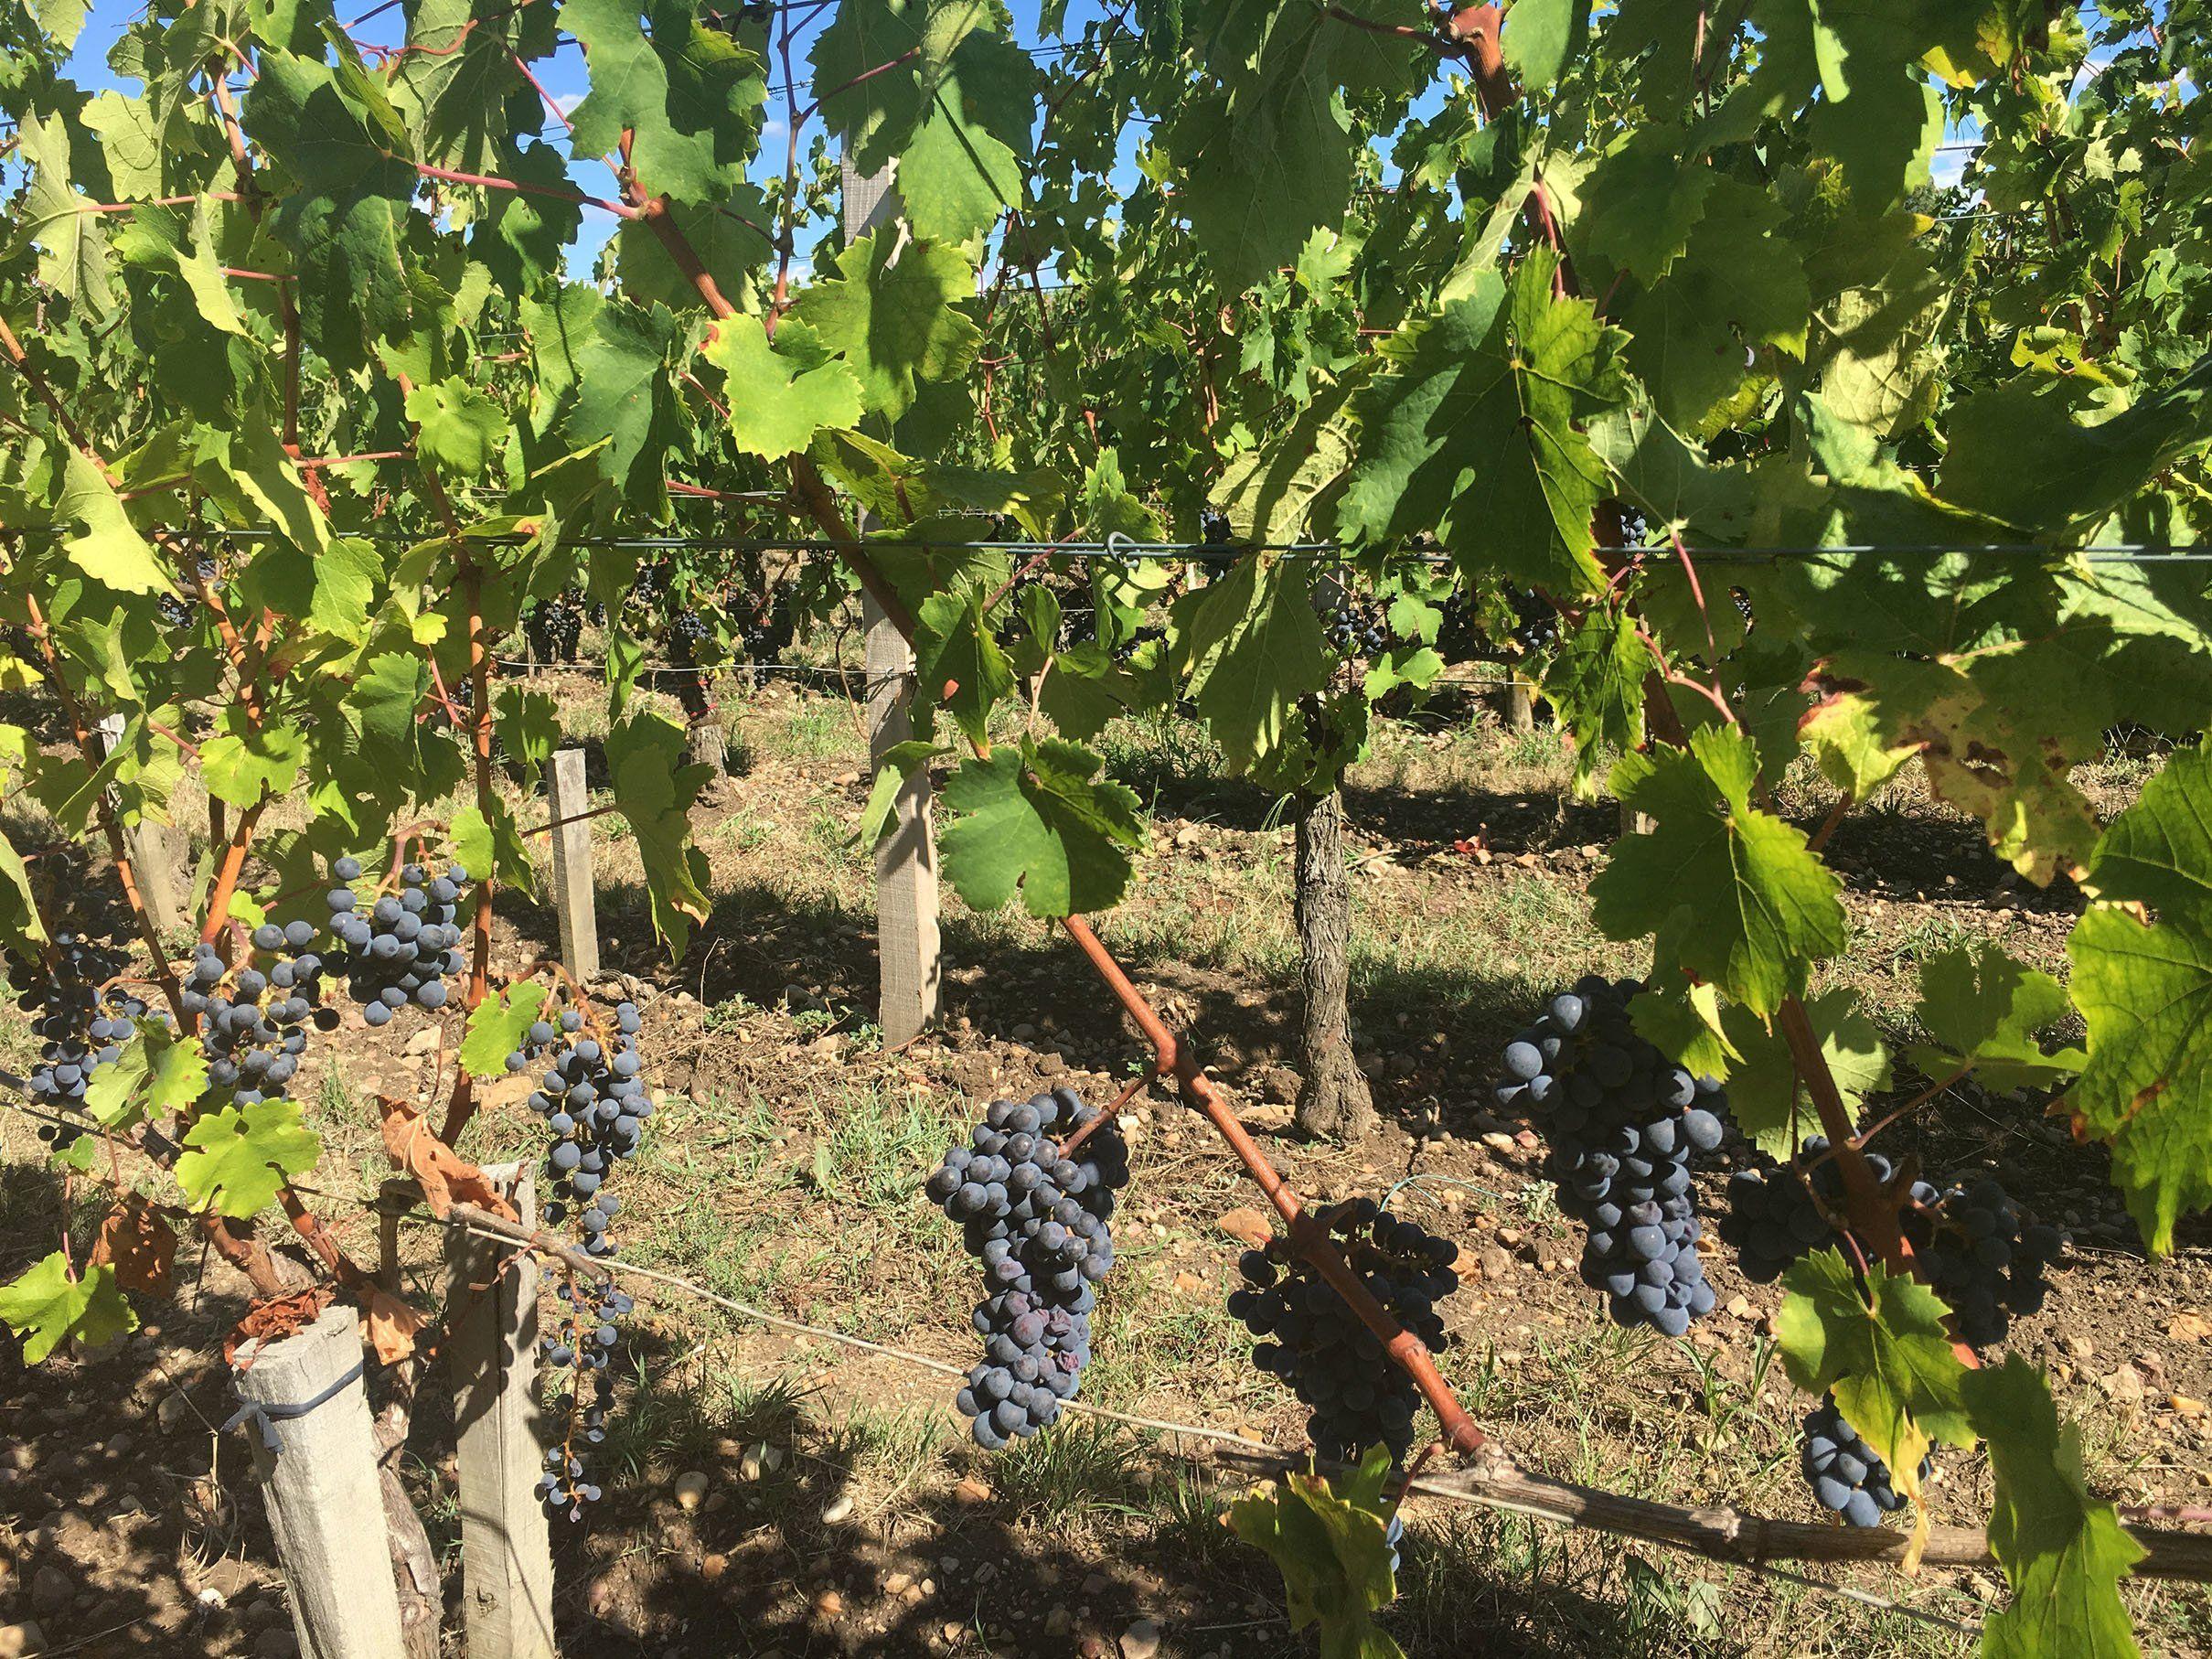 Wijnimporteur Laurent Richard neemt heerlijke wijnen mee uit Frankrijk, Italië, Spanje en Argentinië